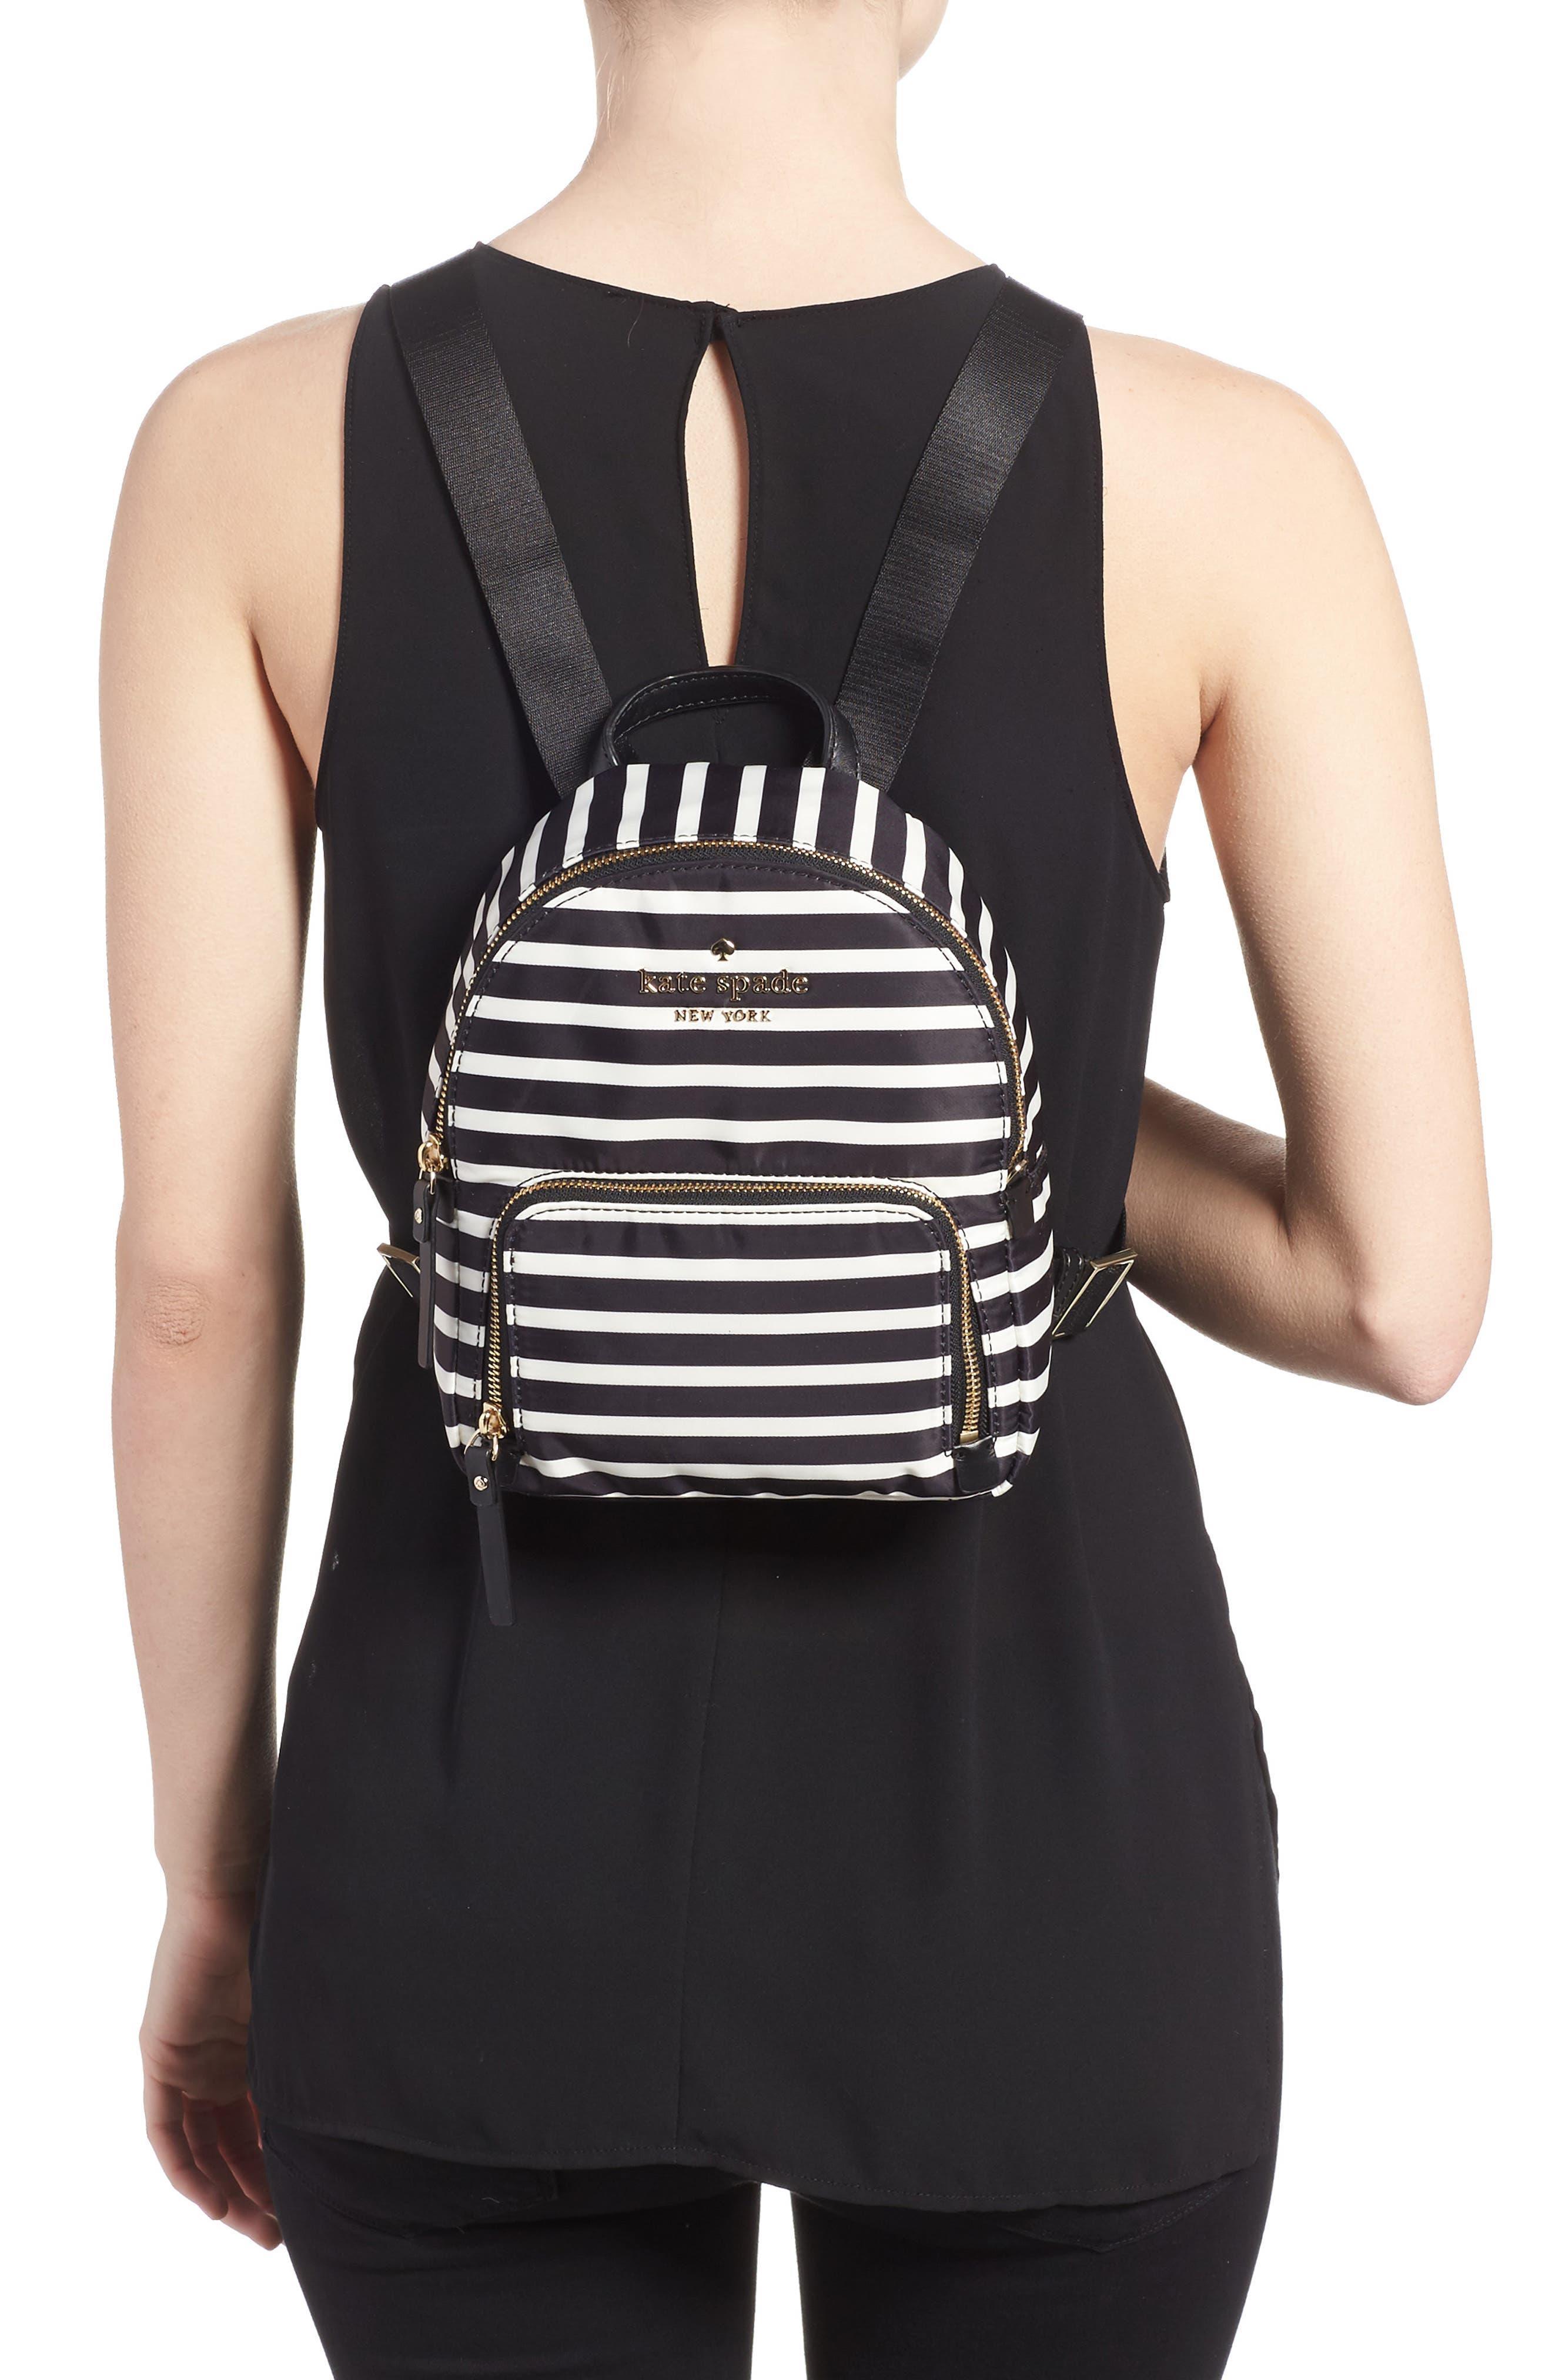 watson lane - small hartley nylon backpack,                             Alternate thumbnail 2, color,                             001